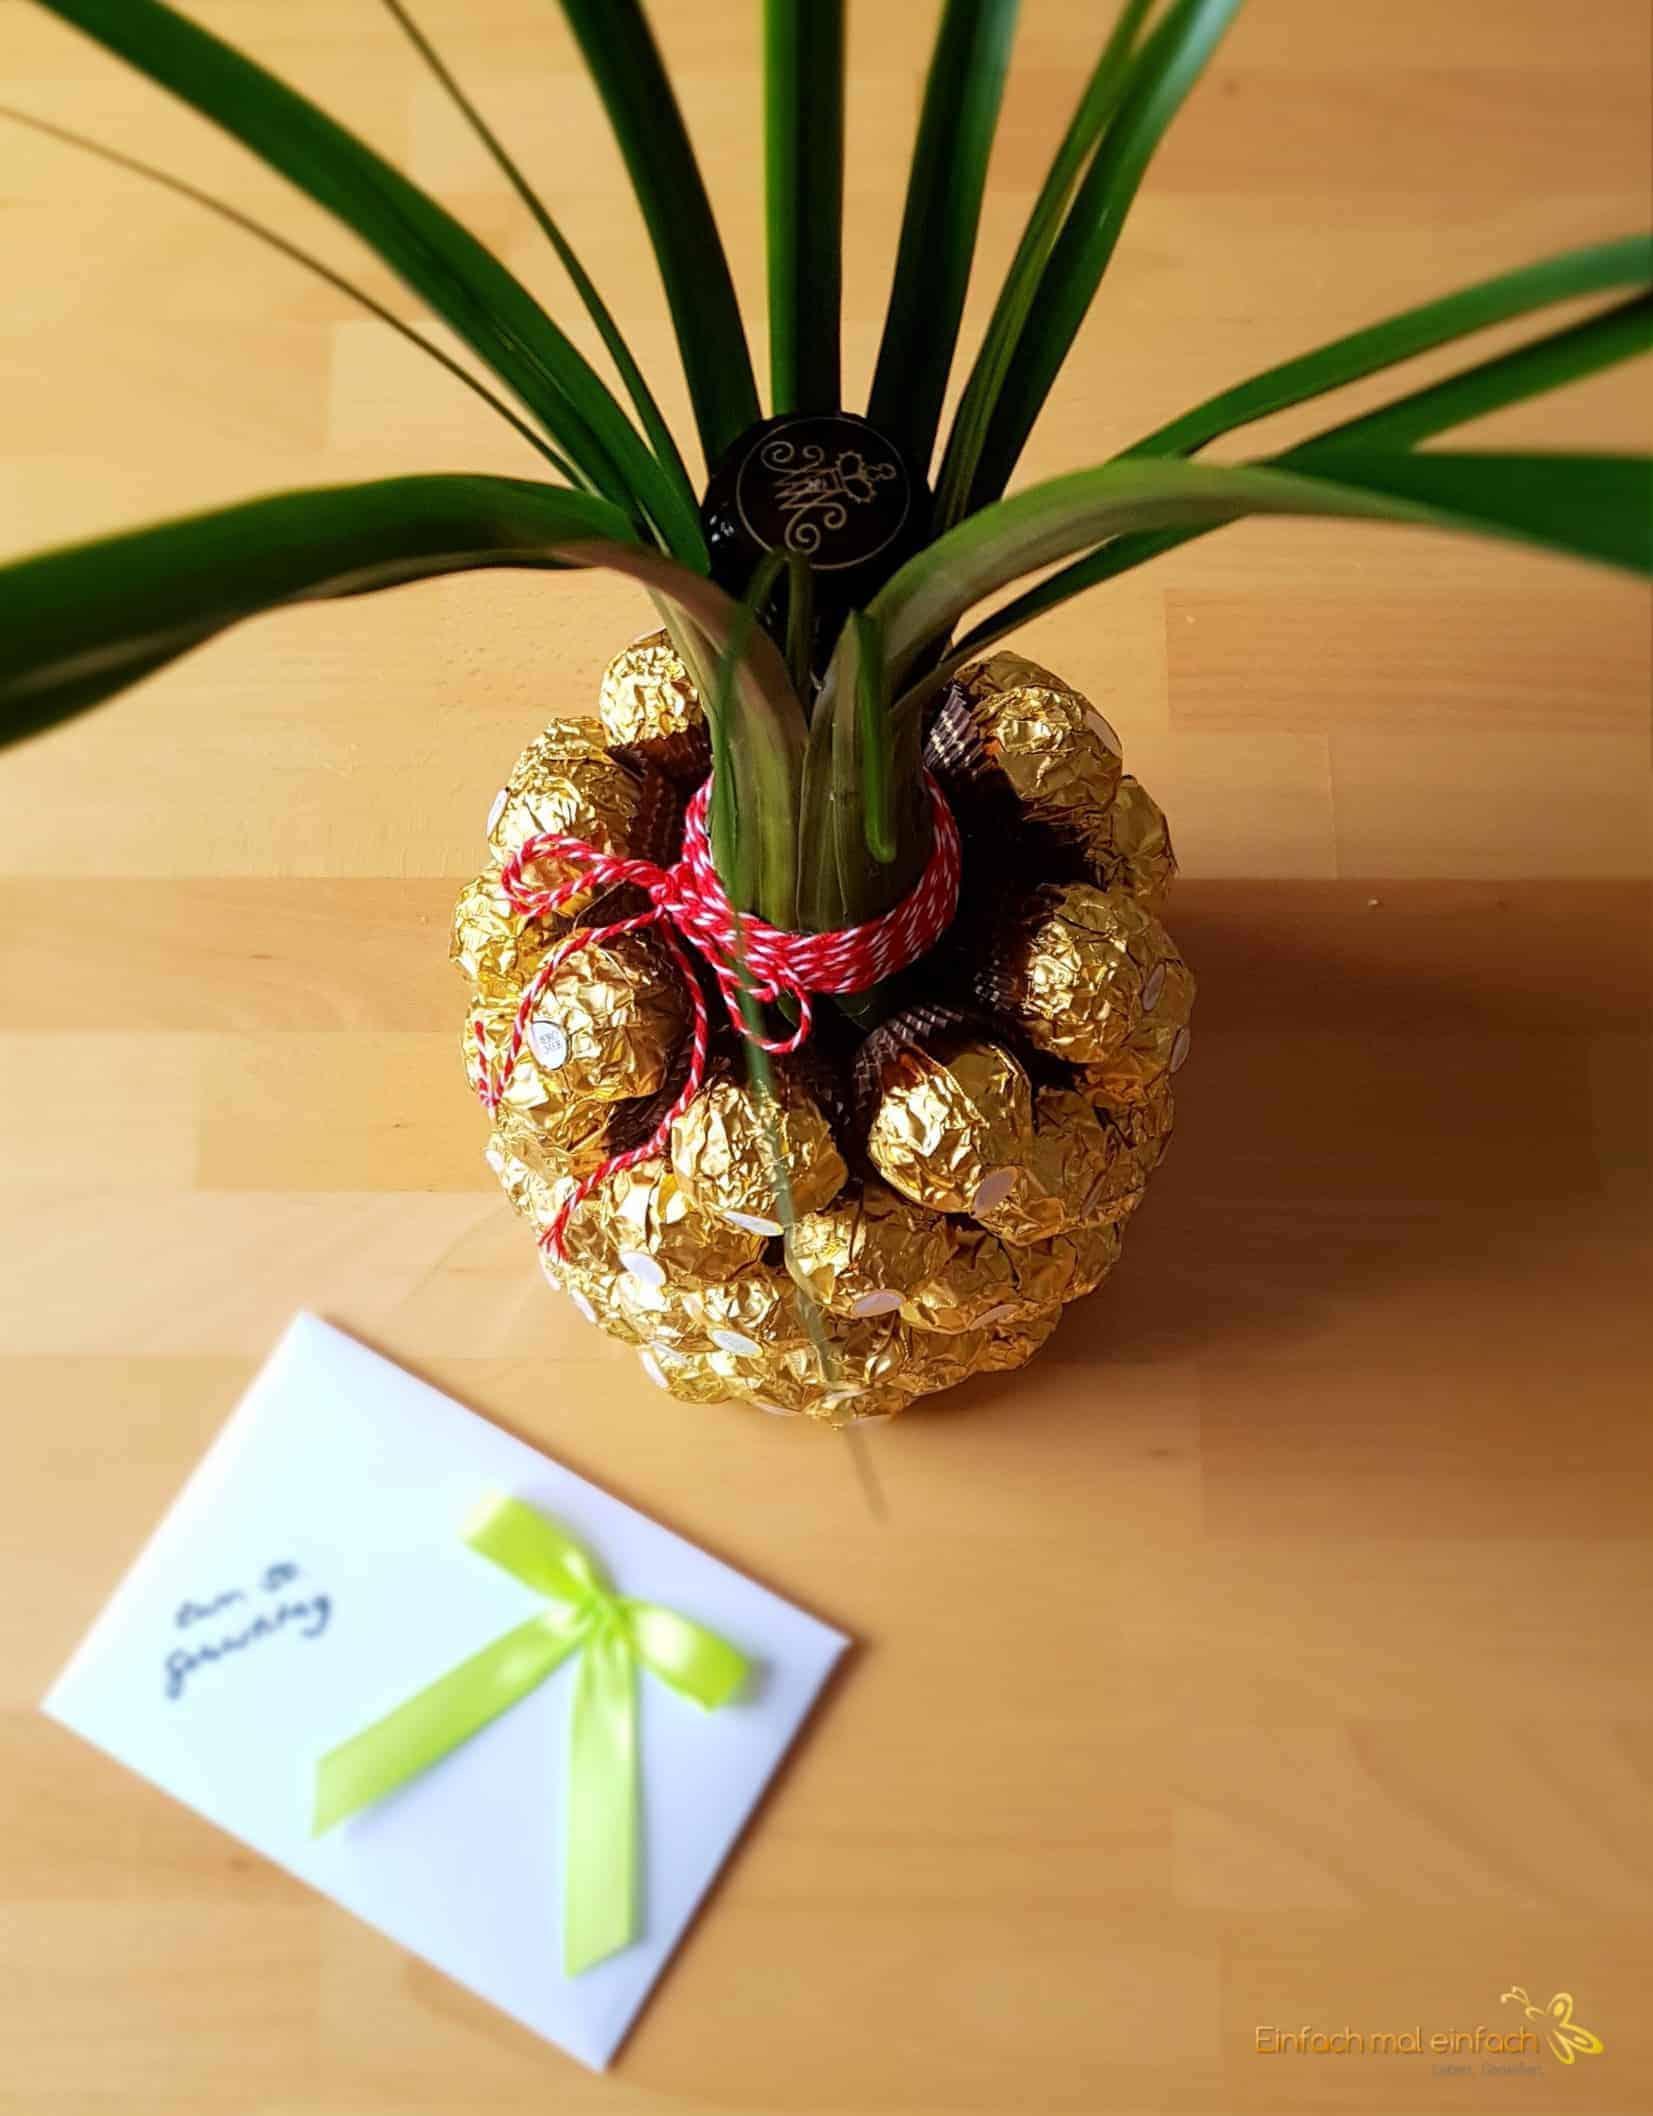 sekt ananas einfach mal einfach. Black Bedroom Furniture Sets. Home Design Ideas